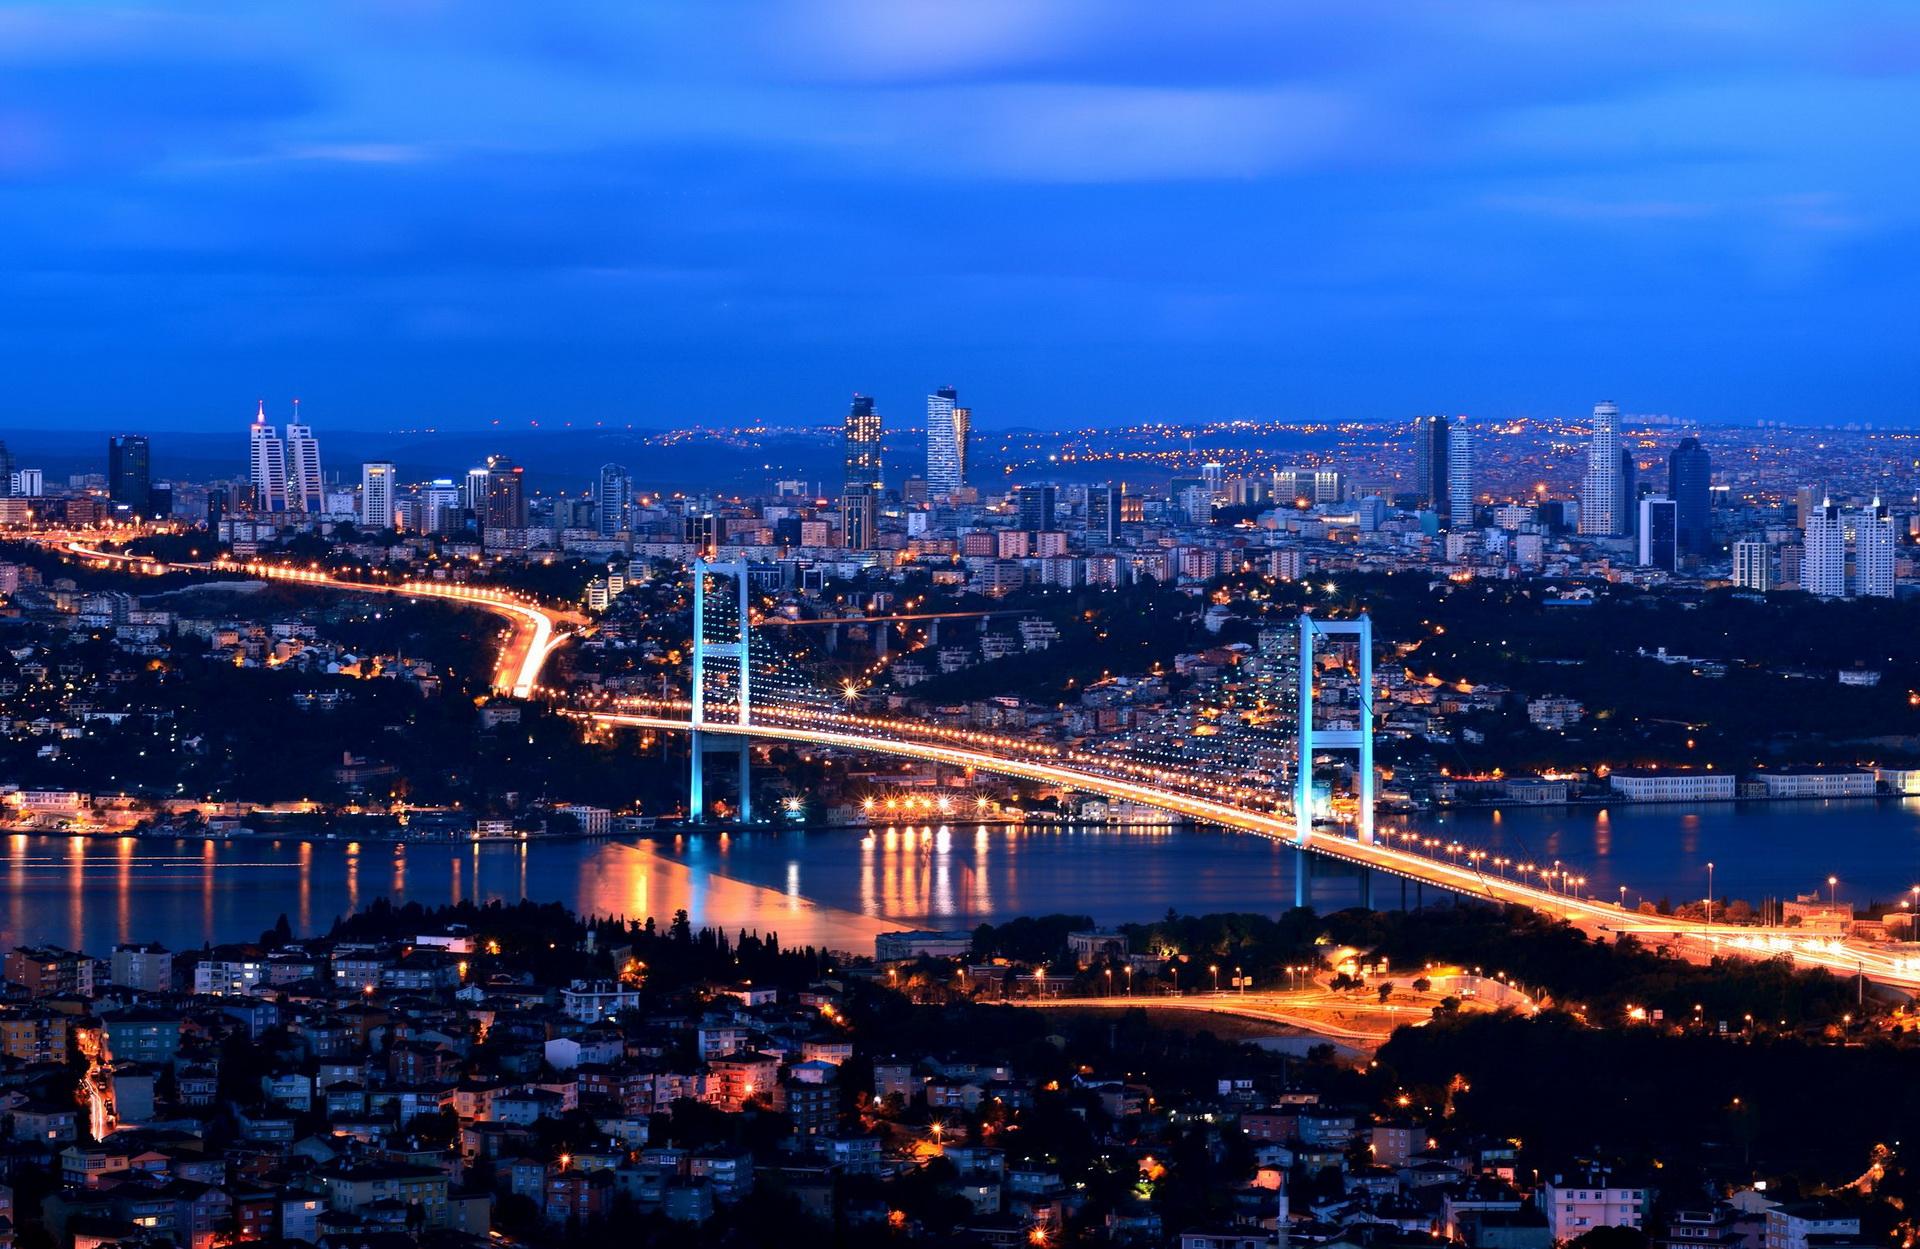 Super Reducere City Break Istanbul din Bucuresti Mai 2020 3 nopti la de la 299 Euro/persoana!